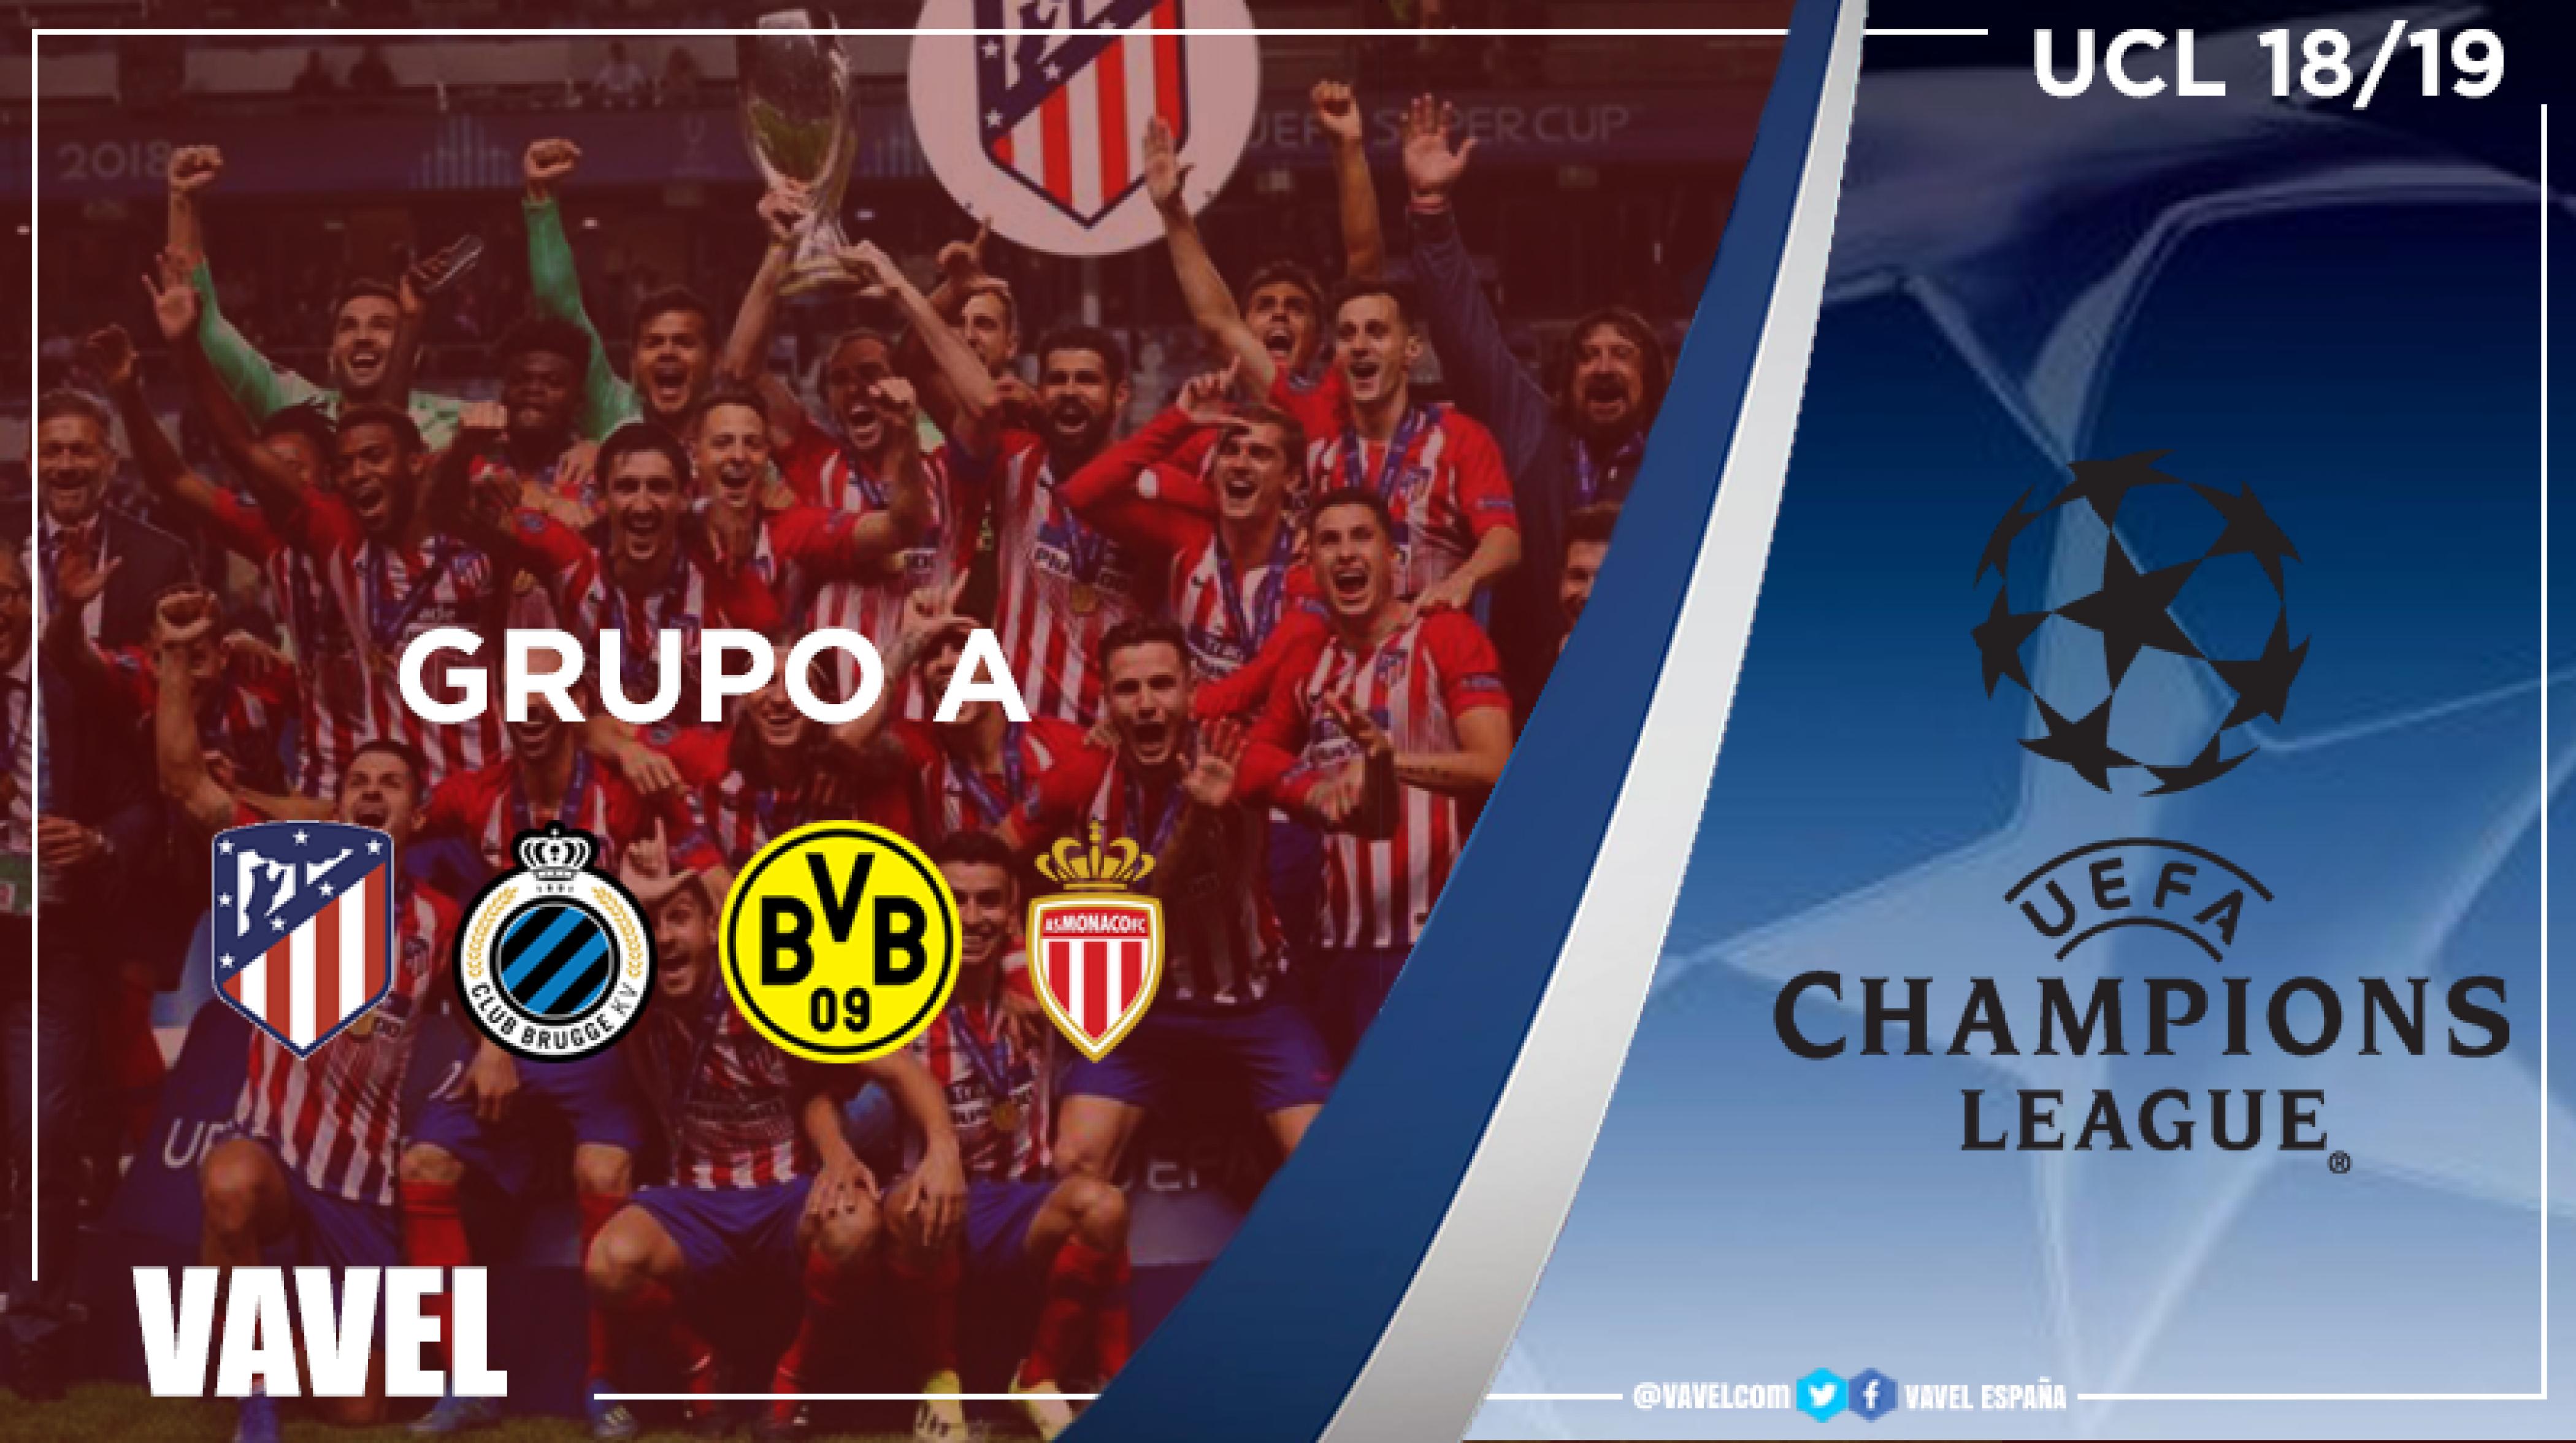 Guía VAVEL UEFA Champions League 2018/10: Grupo A, el Atlético por la revancha